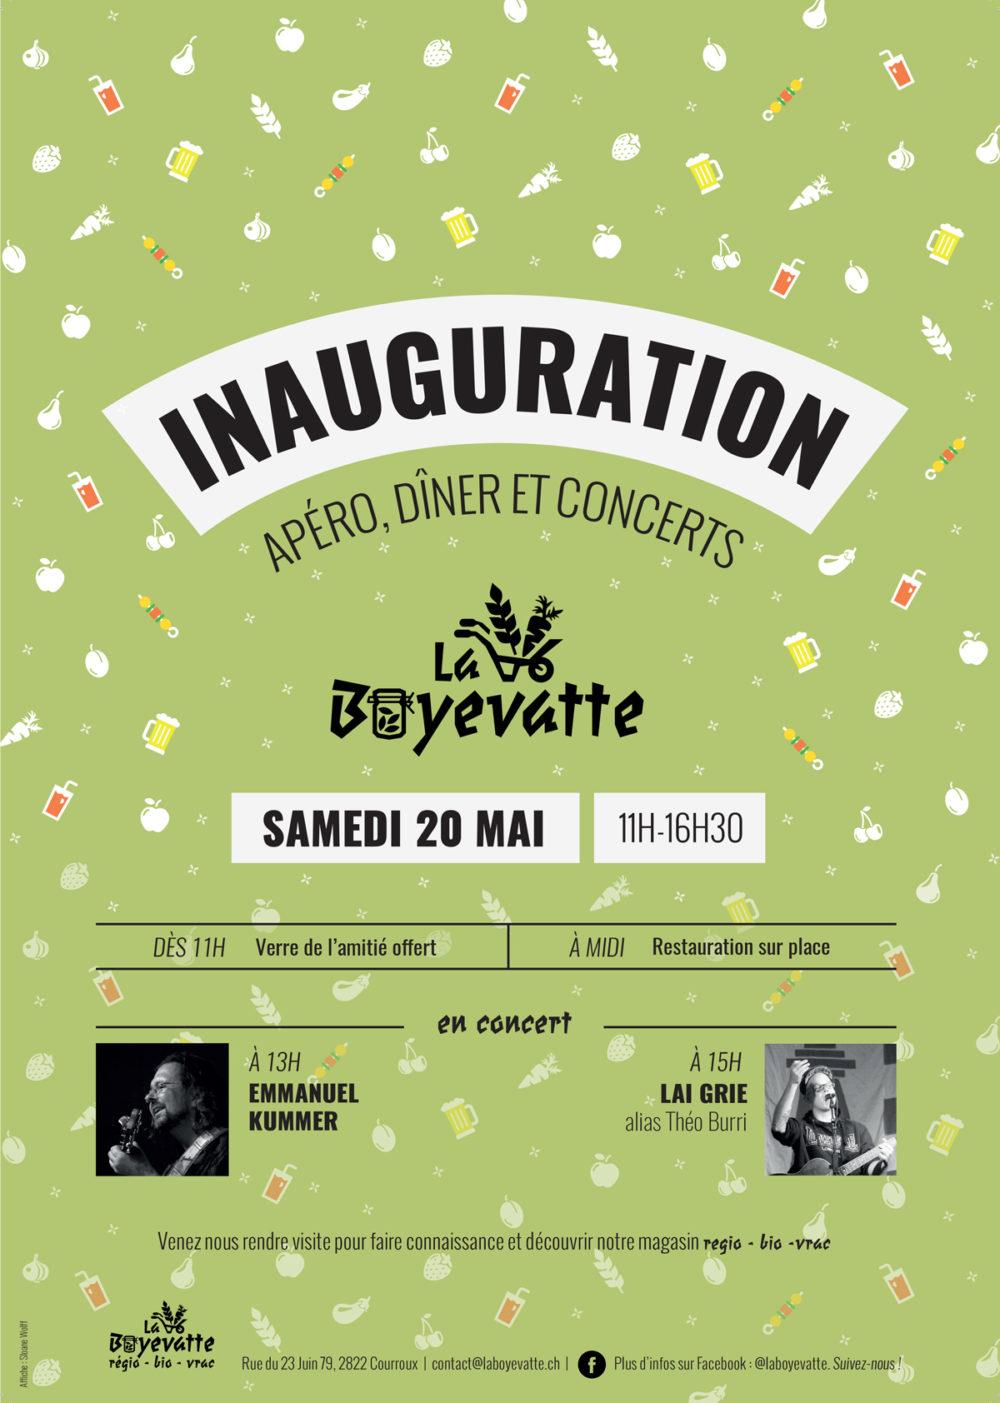 Affiche d'inauguration pour La Boyevatte